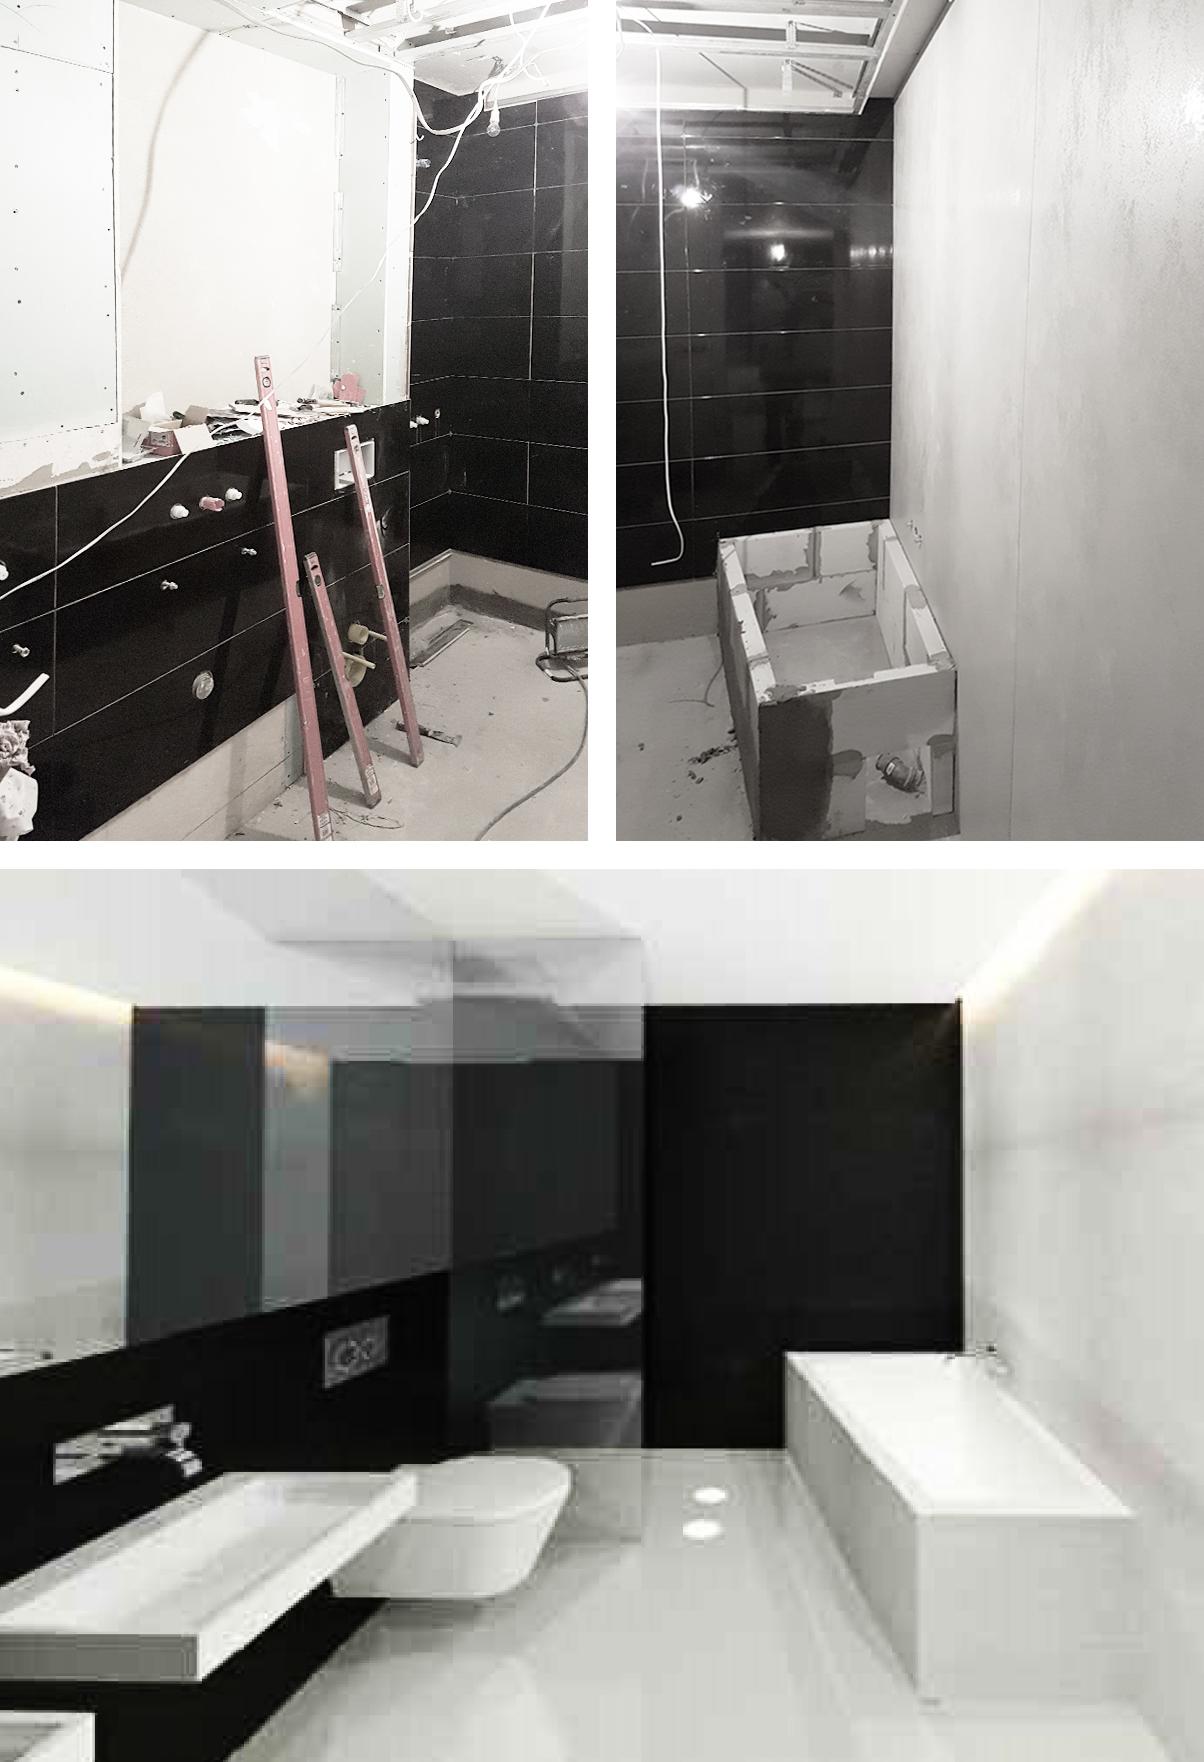 rea-sabina-rehlich-projekt-wnetrza-apartament-laminam-baildomb-debowe-tarasay-unikato-konieczny-aranzacja-wnetrz-dziedzic-architekt